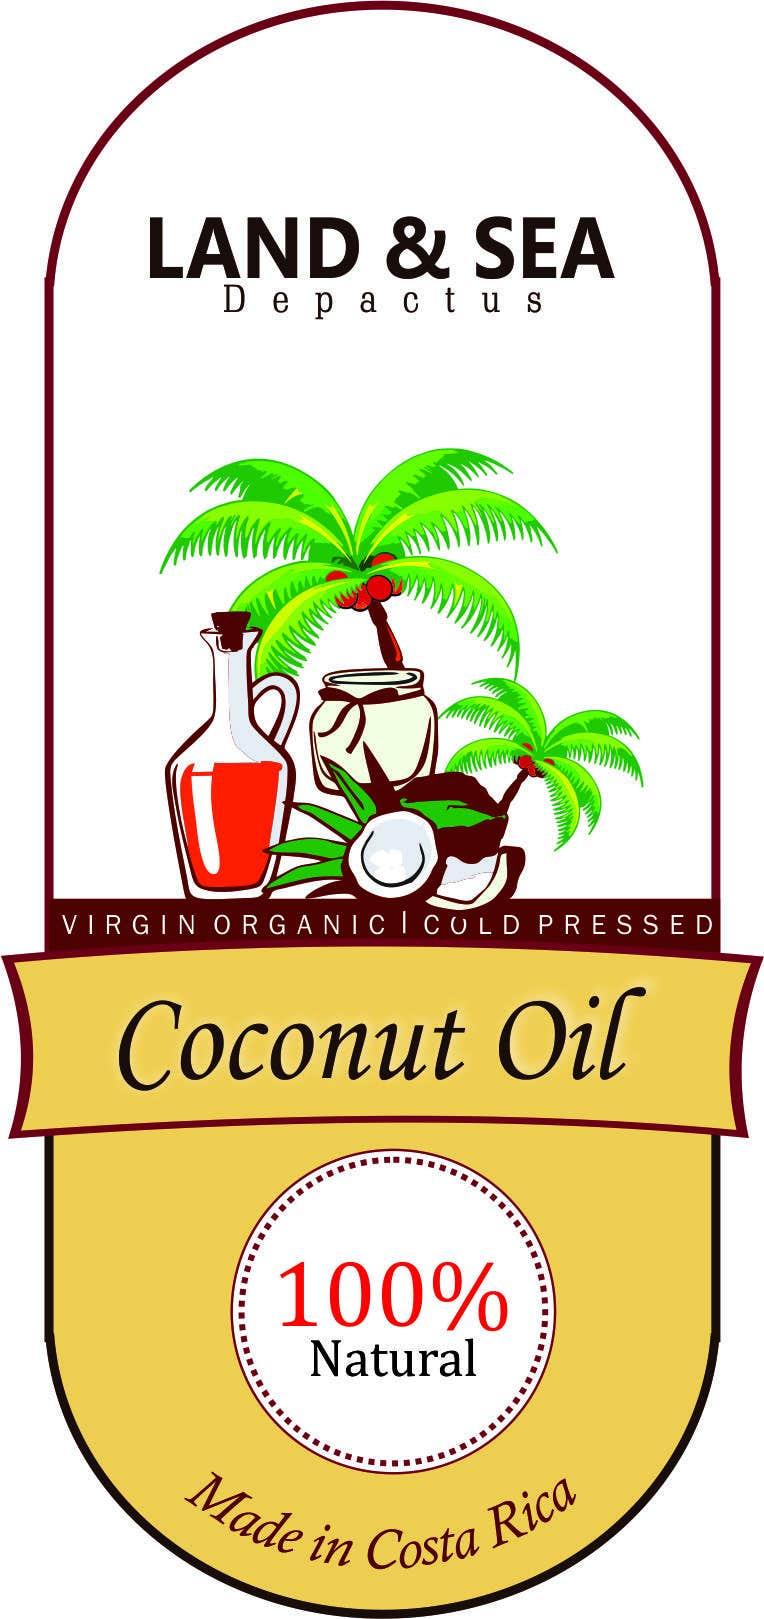 Kilpailutyö #43 kilpailussa Coconut oil logo